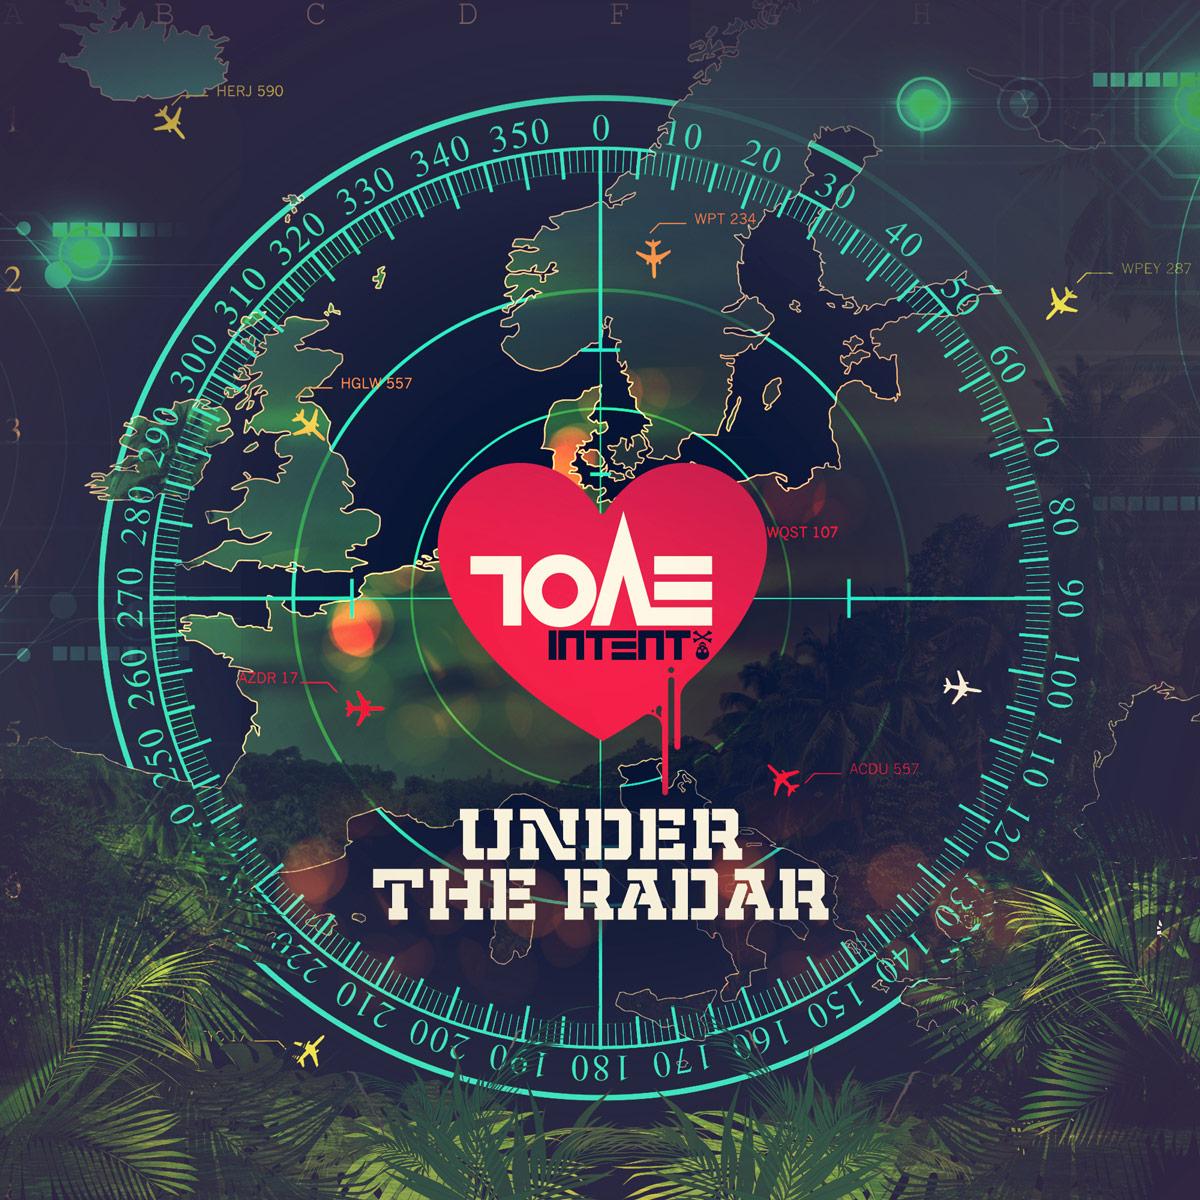 Under The Radar Magazine - DiscountMags.com